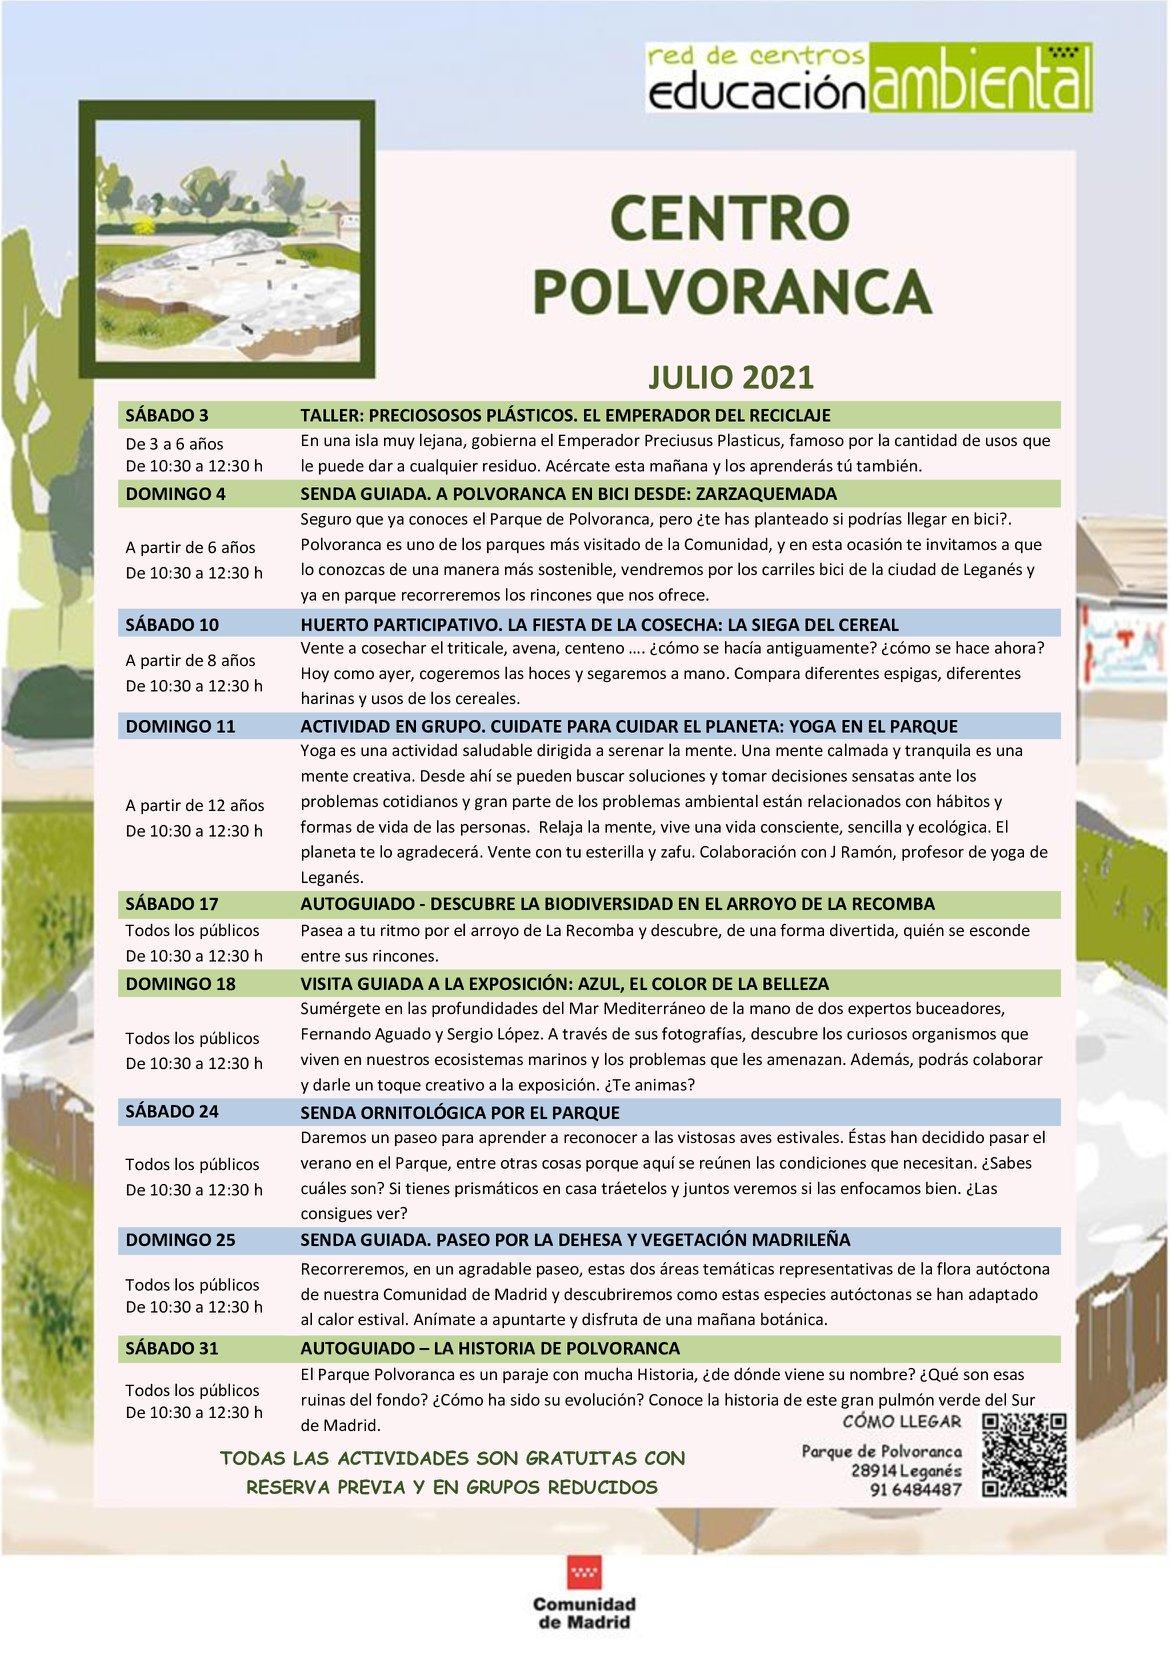 Programación en julio 2021 en el CEA Polvoranca